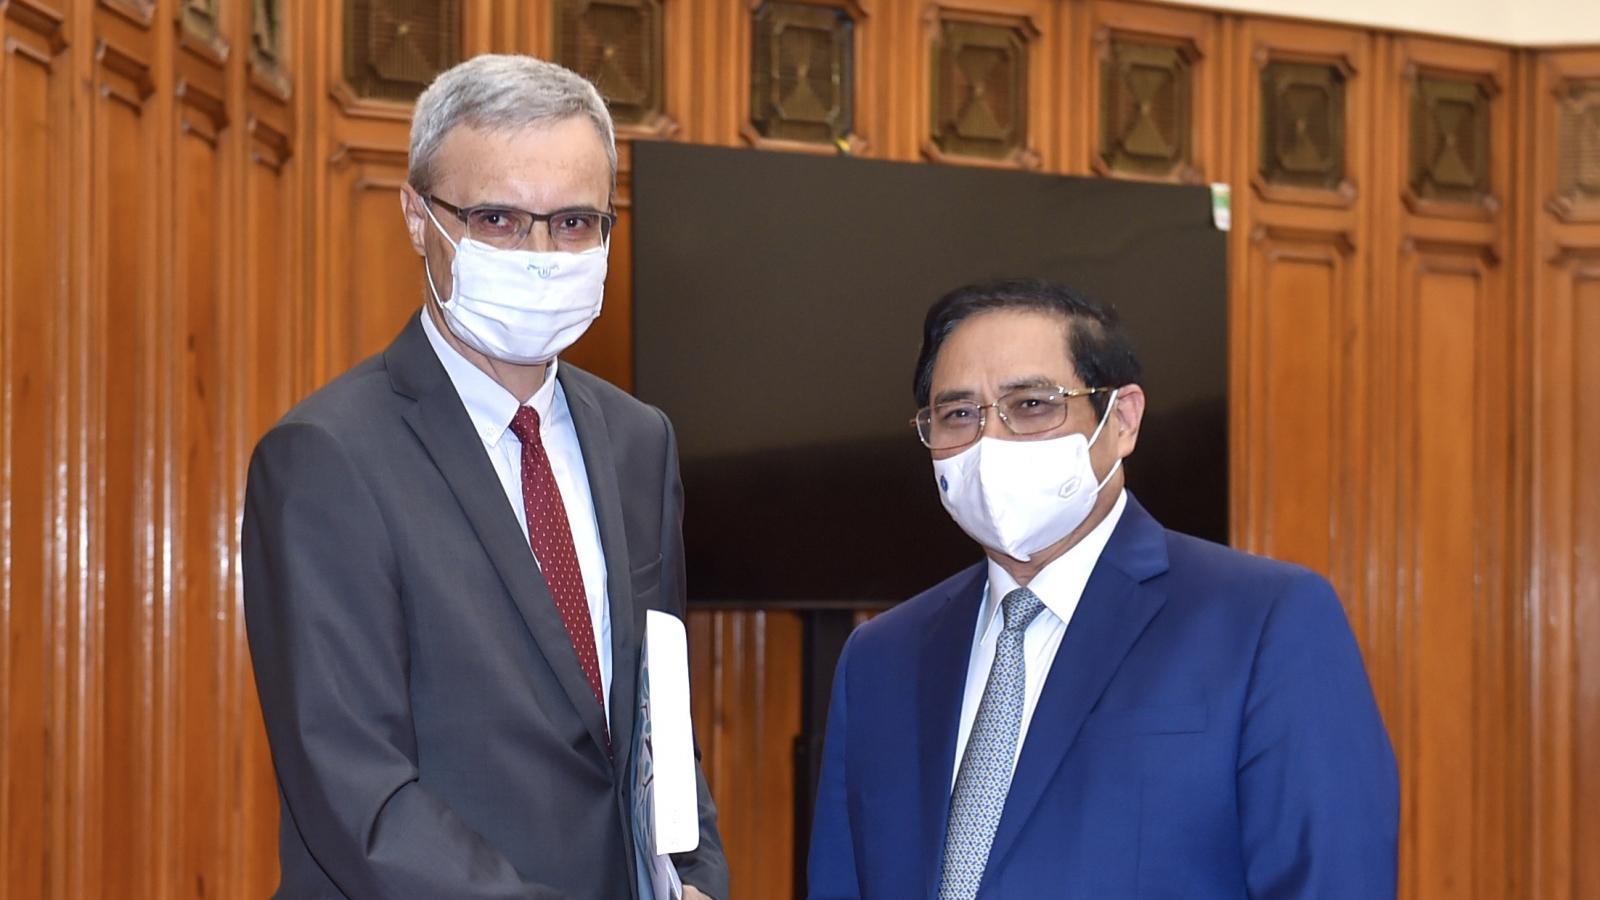 Thủ tướng đề nghị Pháp tăng cường hợp tác y tế, hỗ trợ vaccine cho Việt Nam